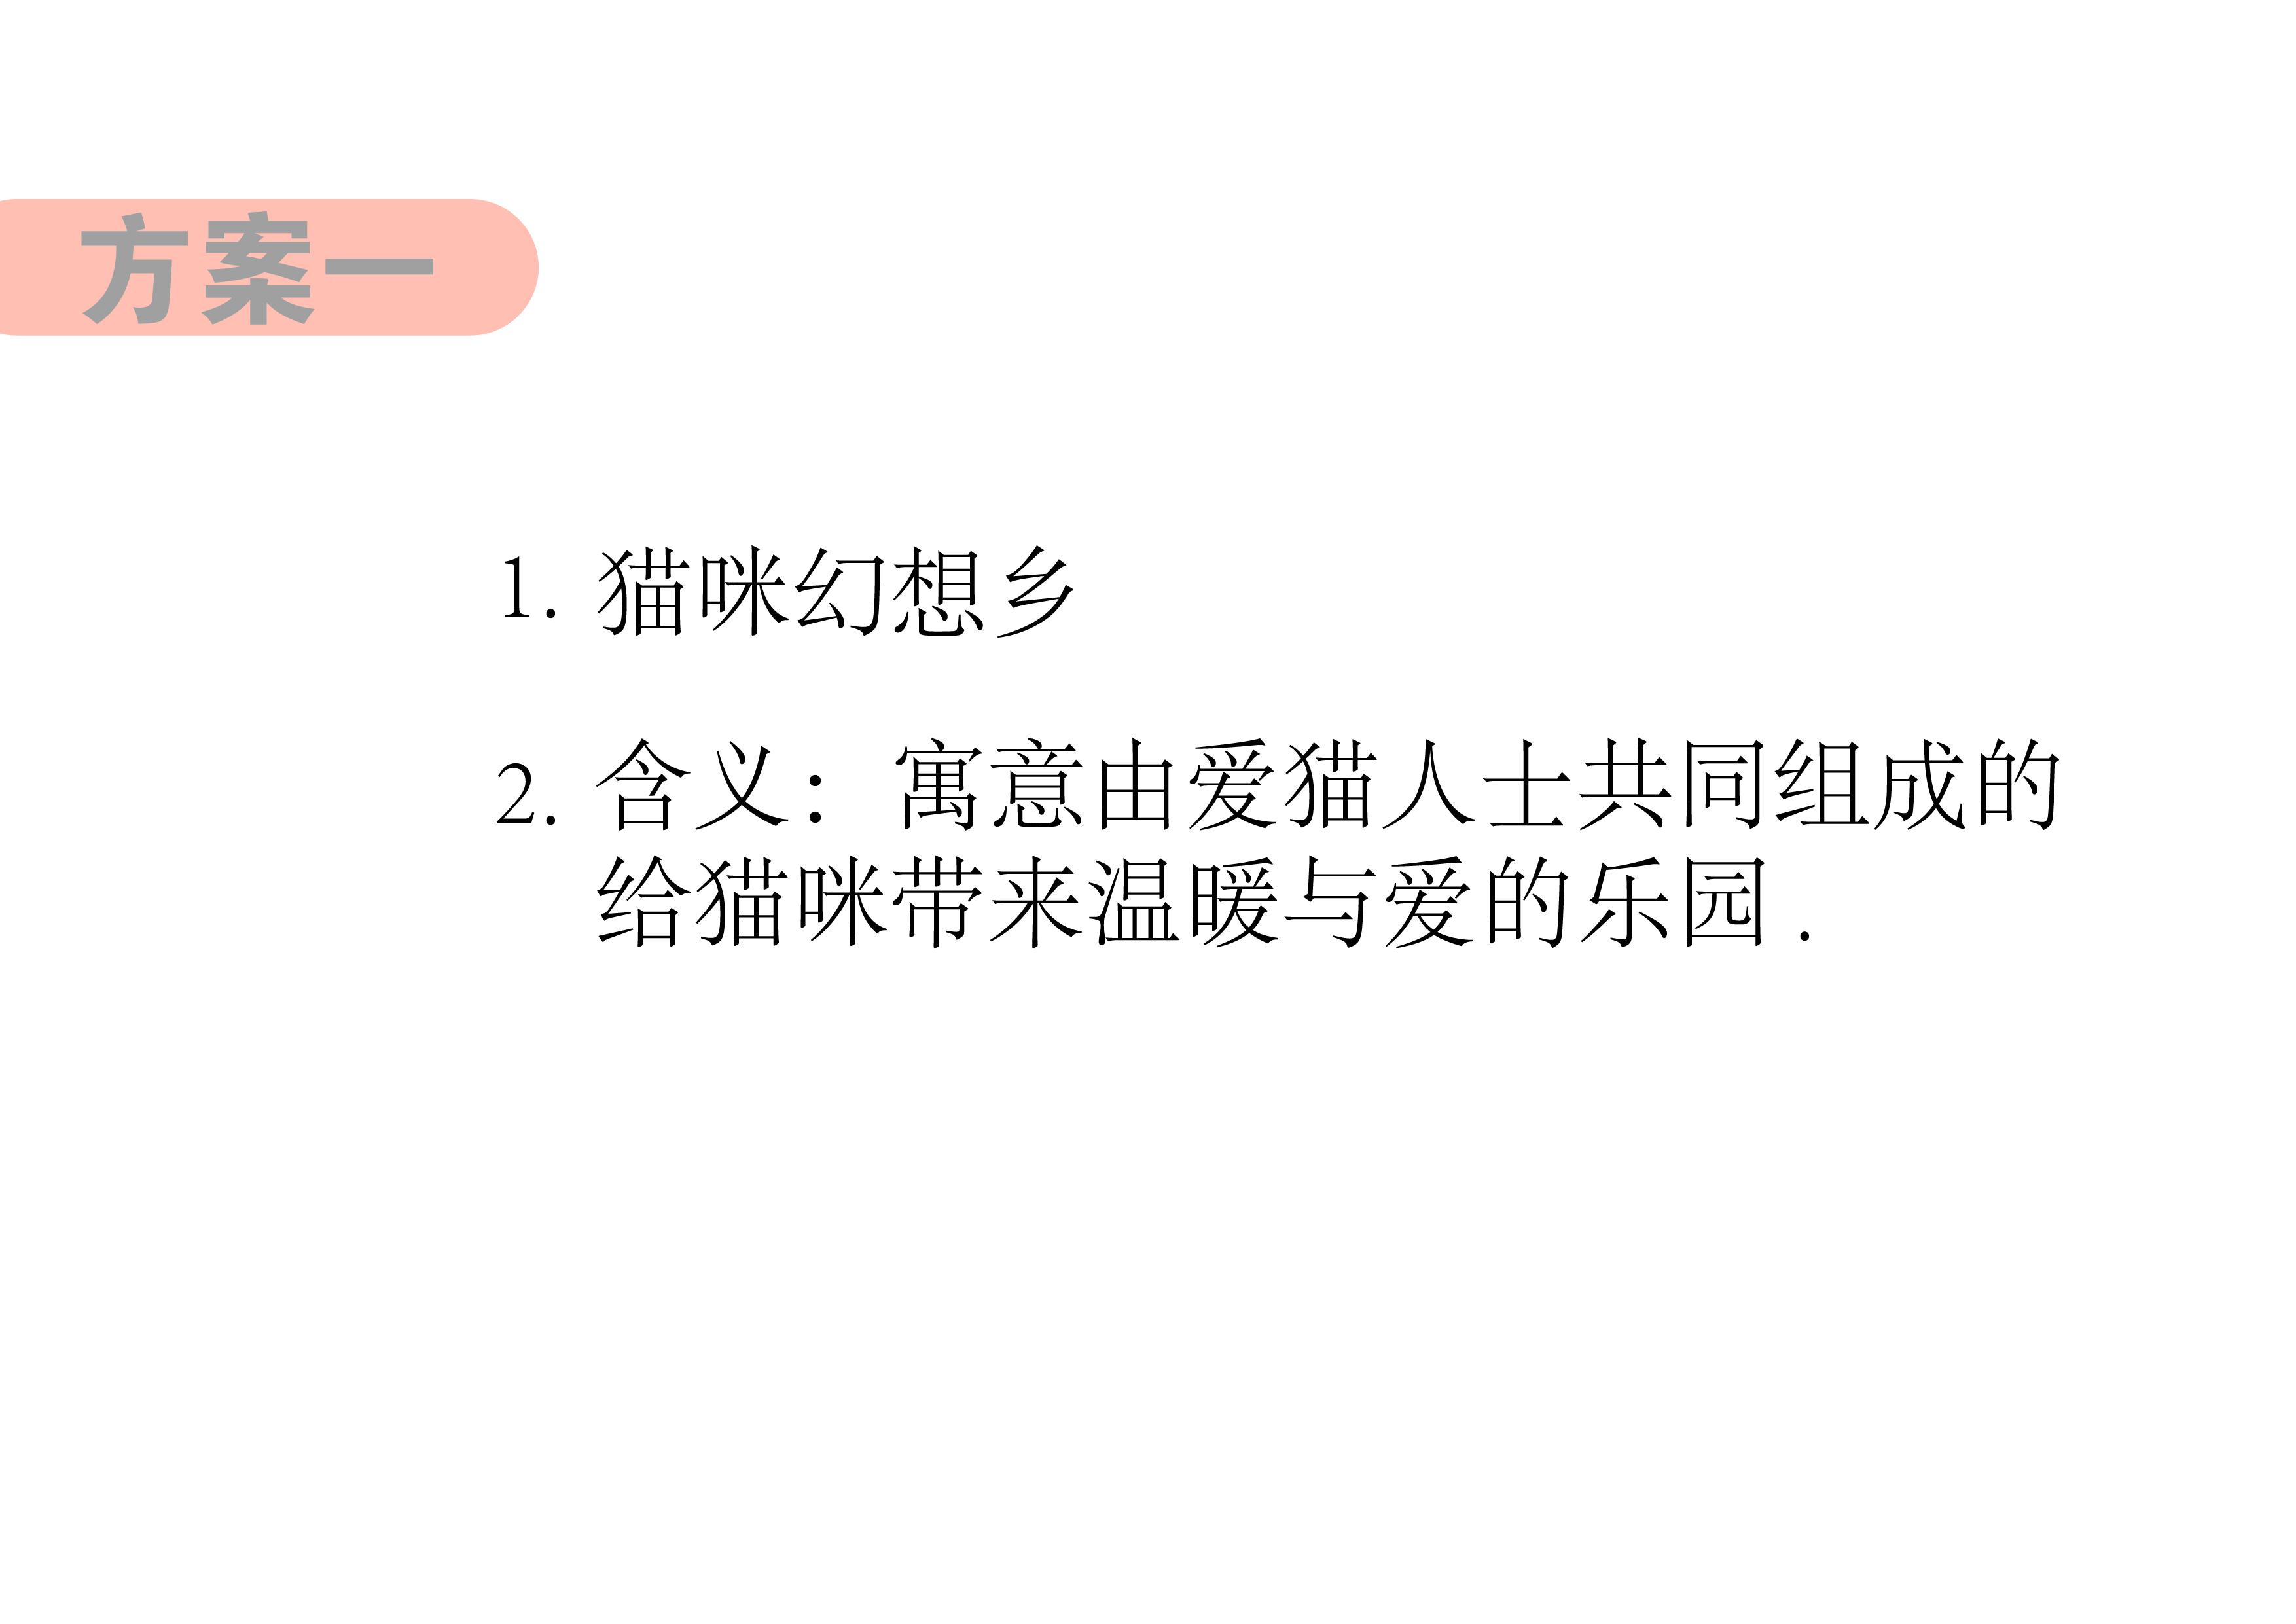 养猫社群起名_3036790_k68威客网